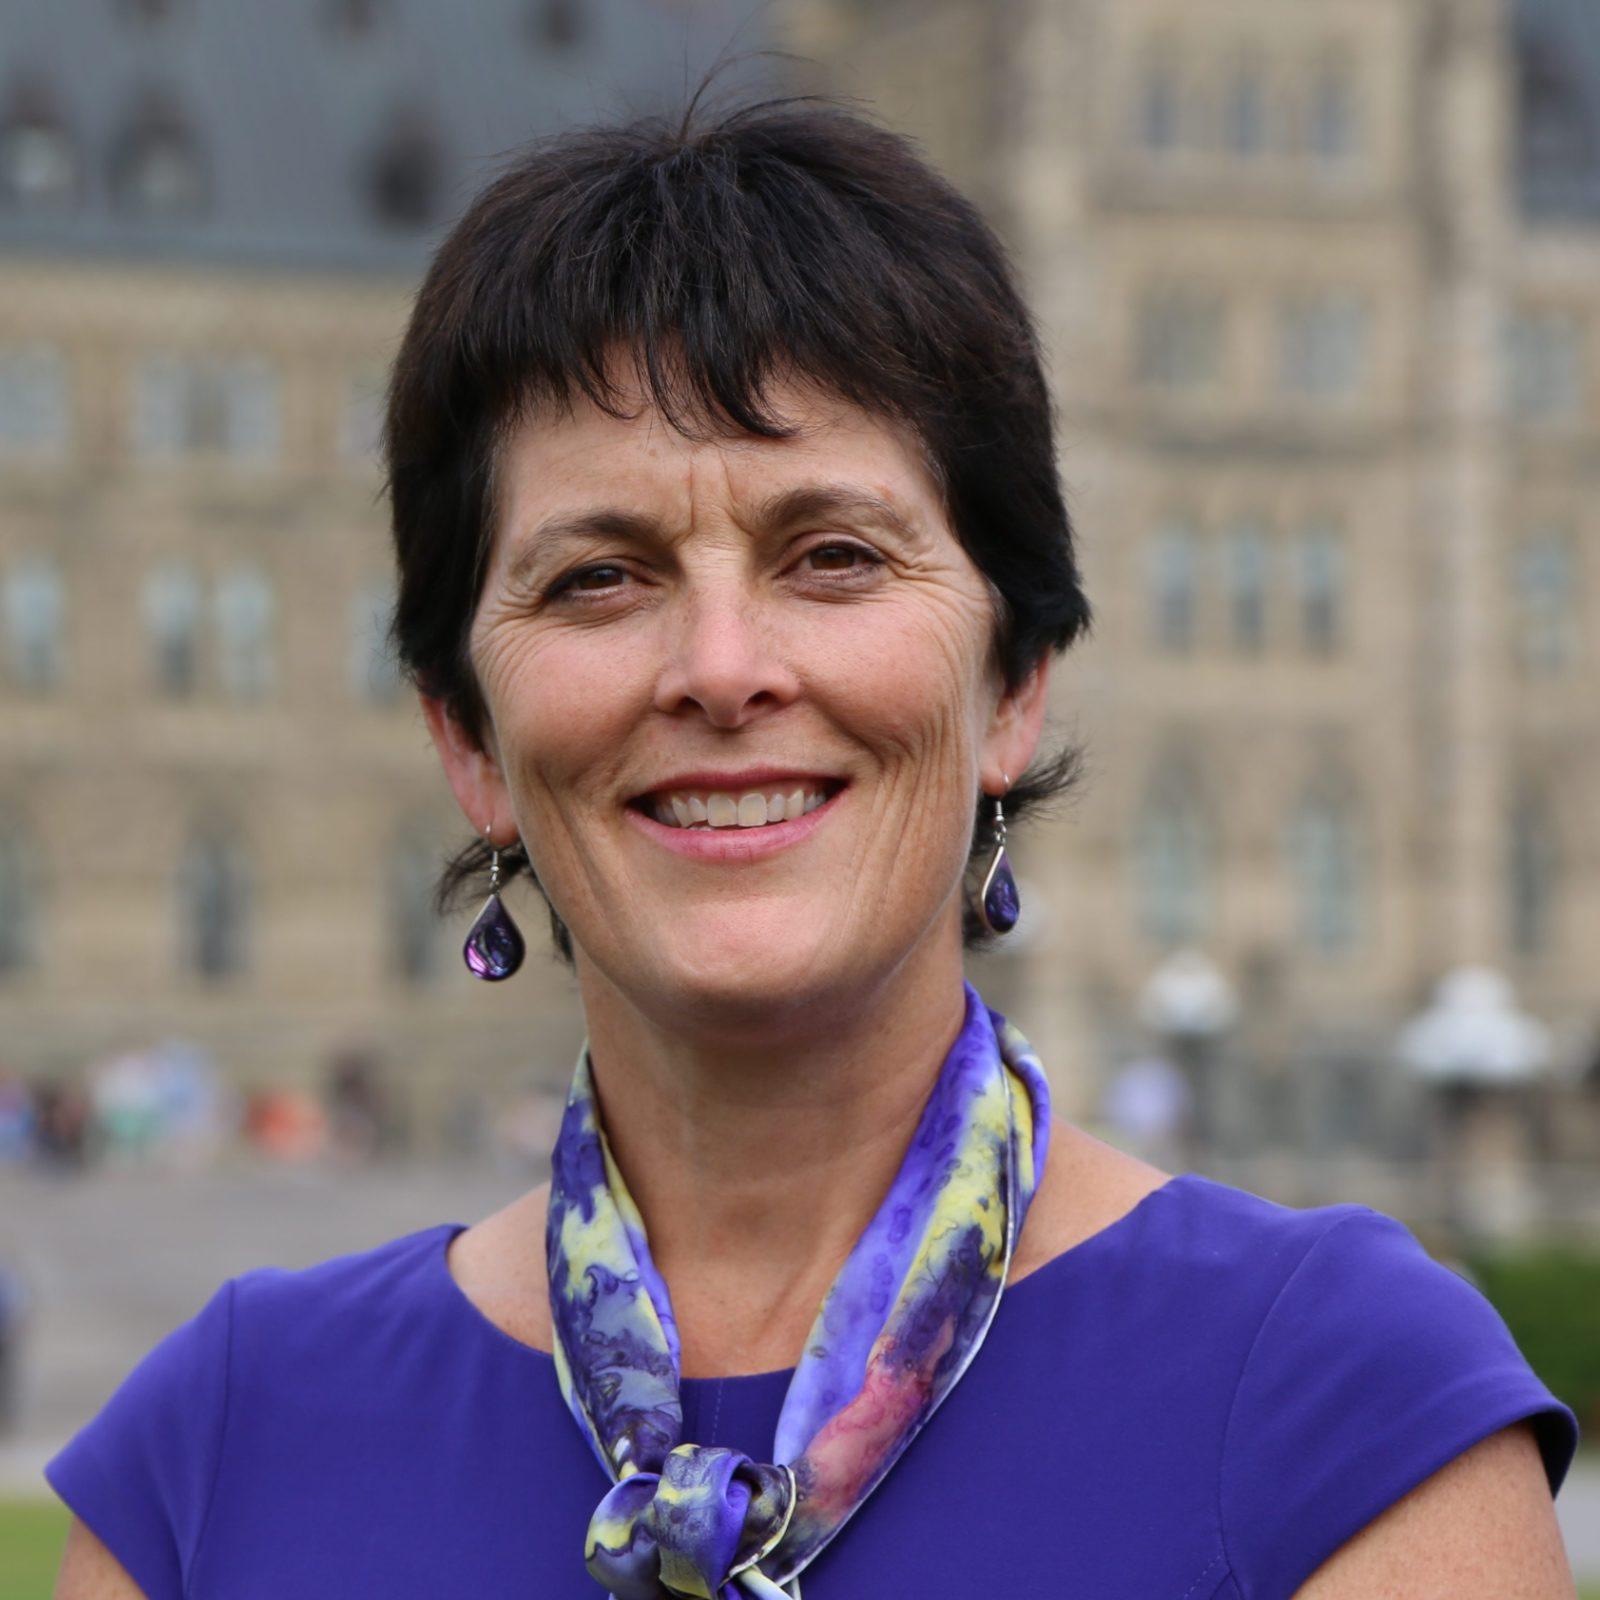 Darlene McLean